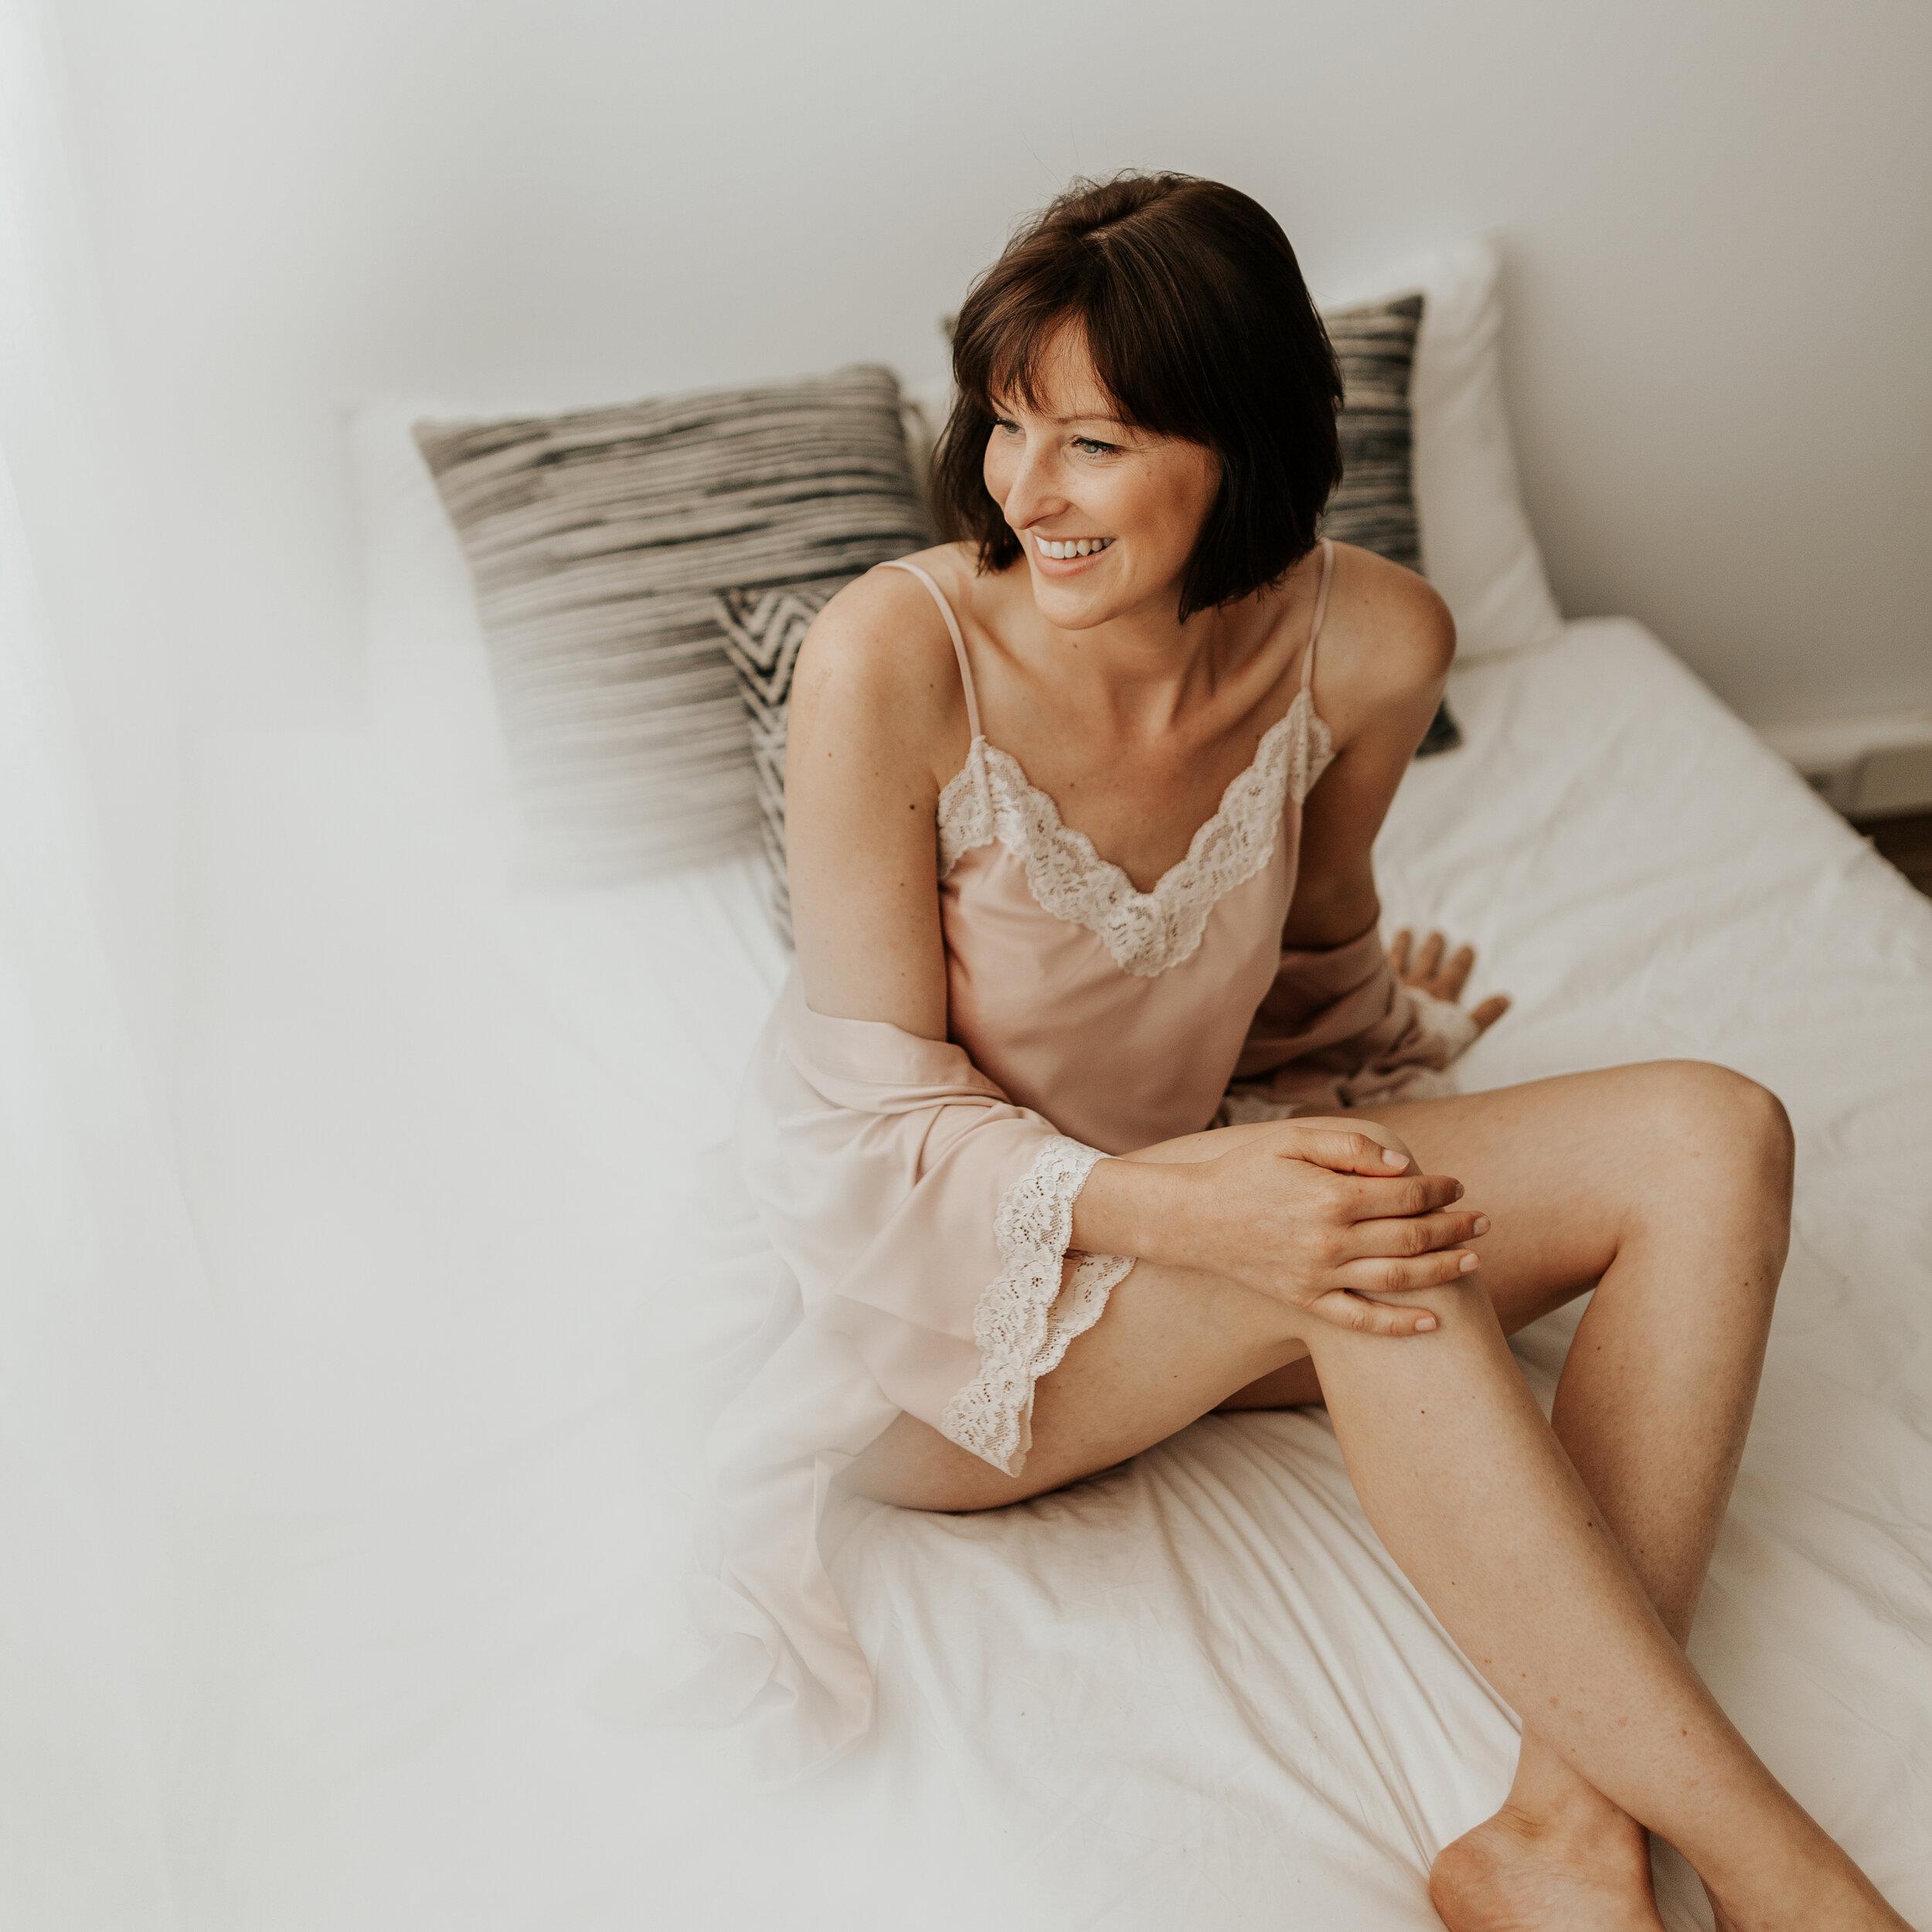 boudoirfotografie-boudoirfotograaf-boudoirfoto-lisa-helsen-photography-herentals-kempen-fotograaf